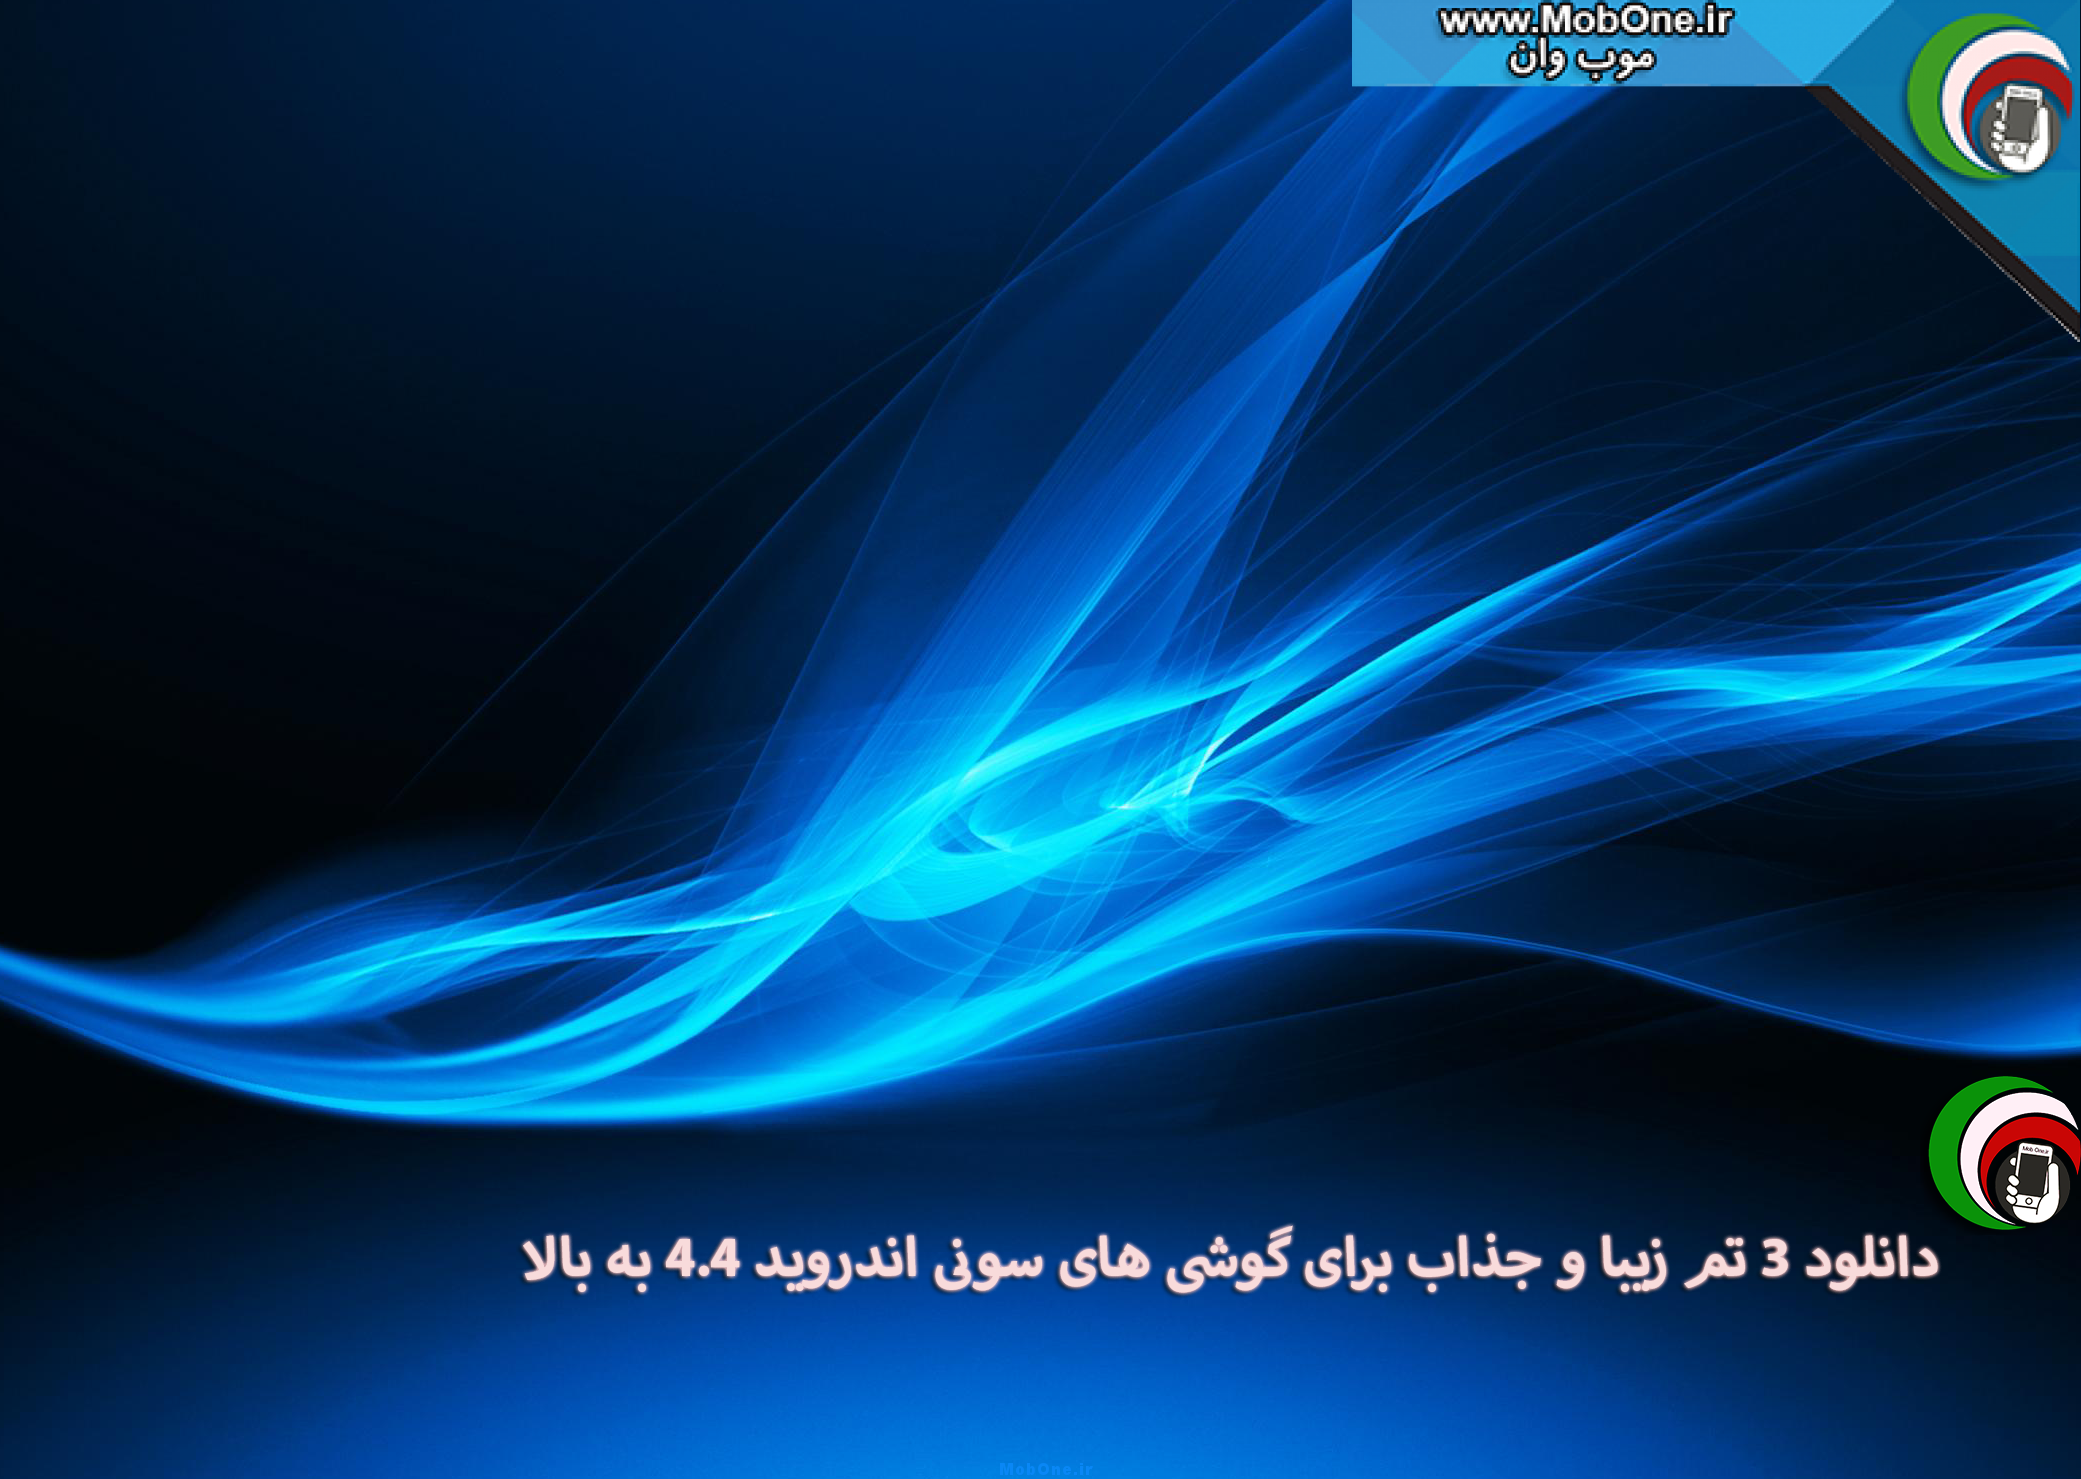 semc_theme_wallpaper_smoke_blue